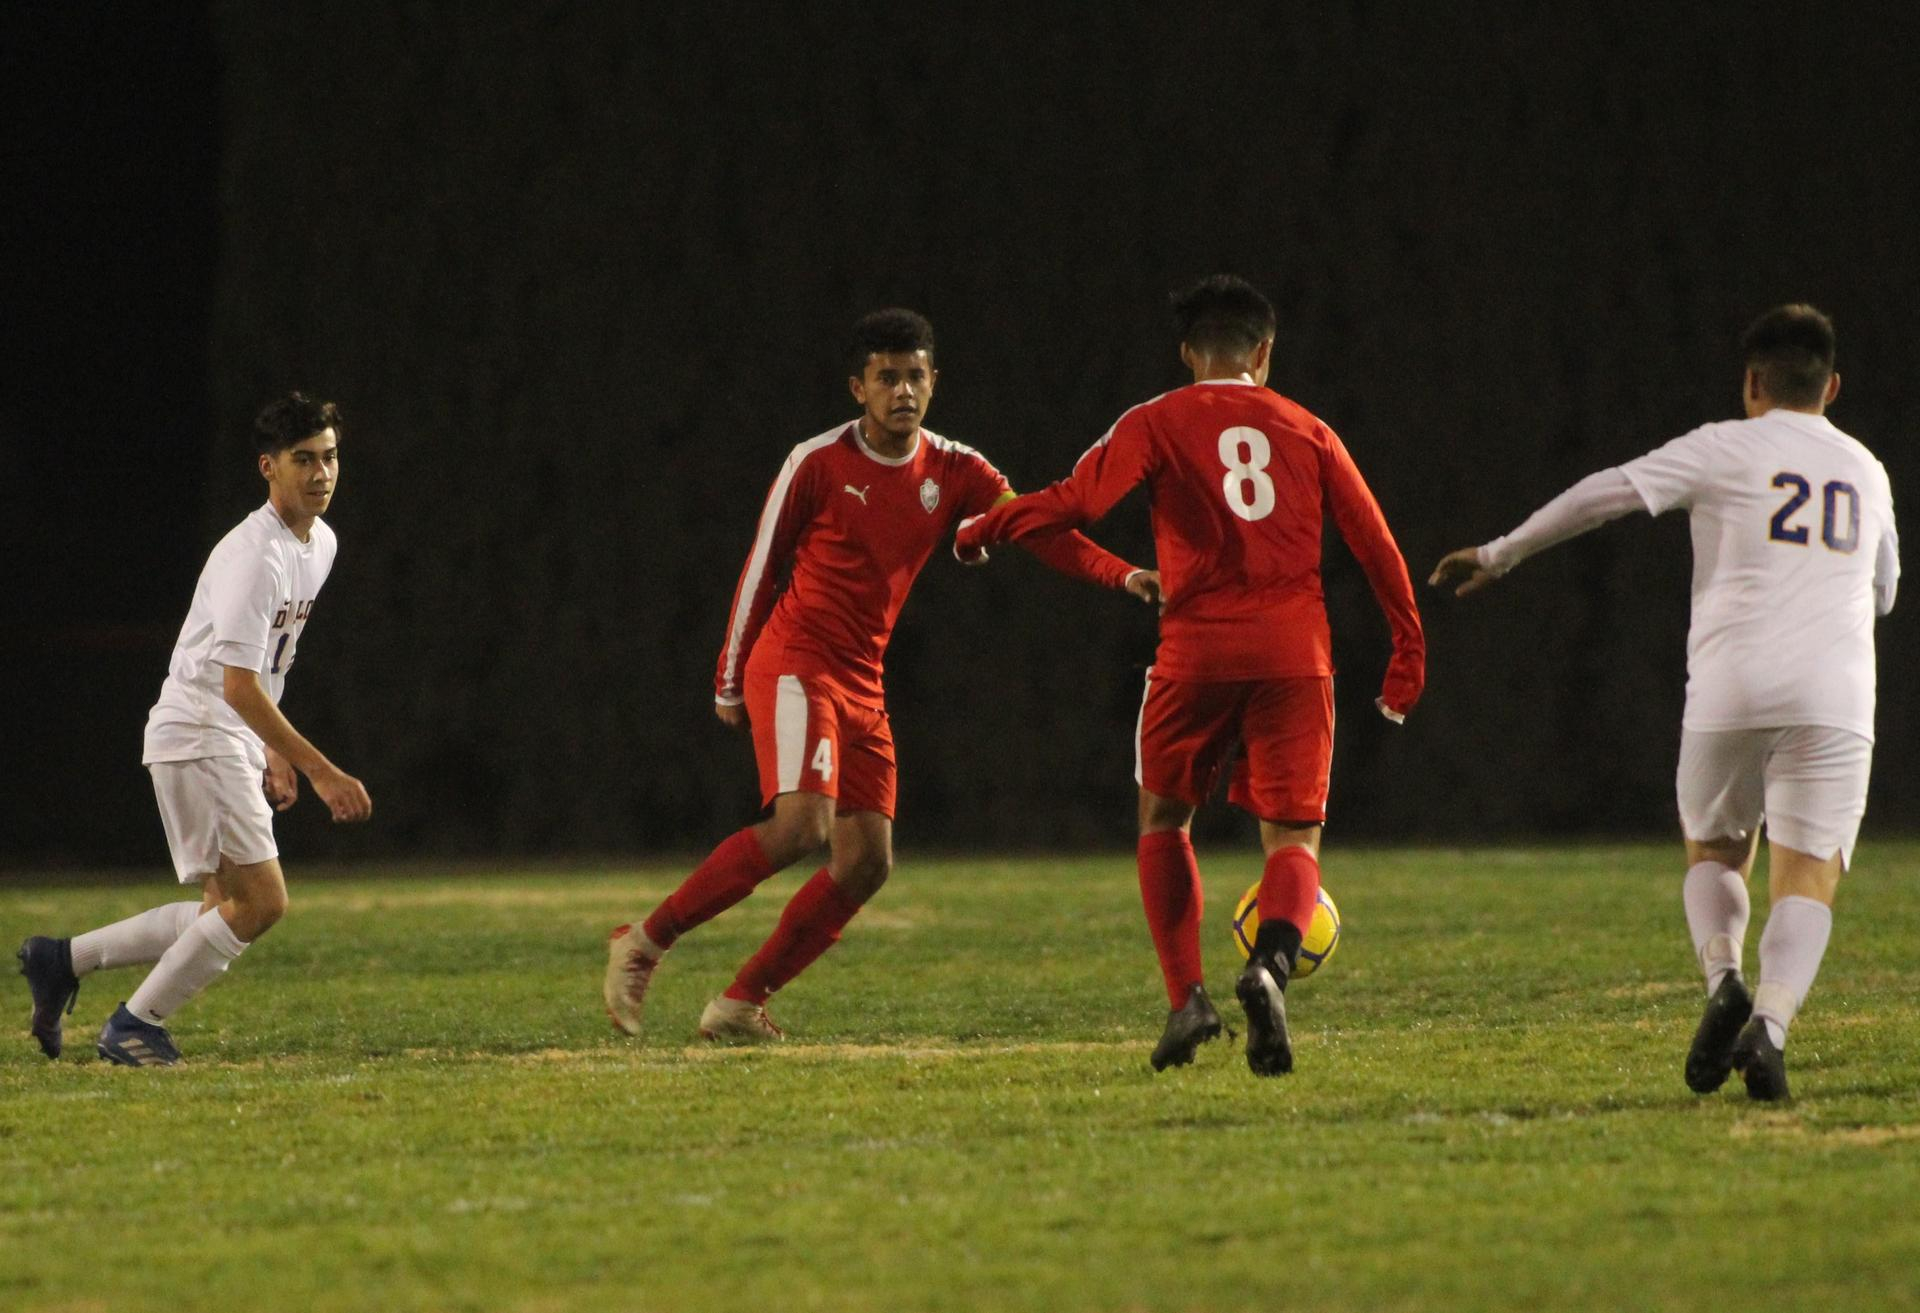 Antonio Ochoa and Favian Casillas with the Ball